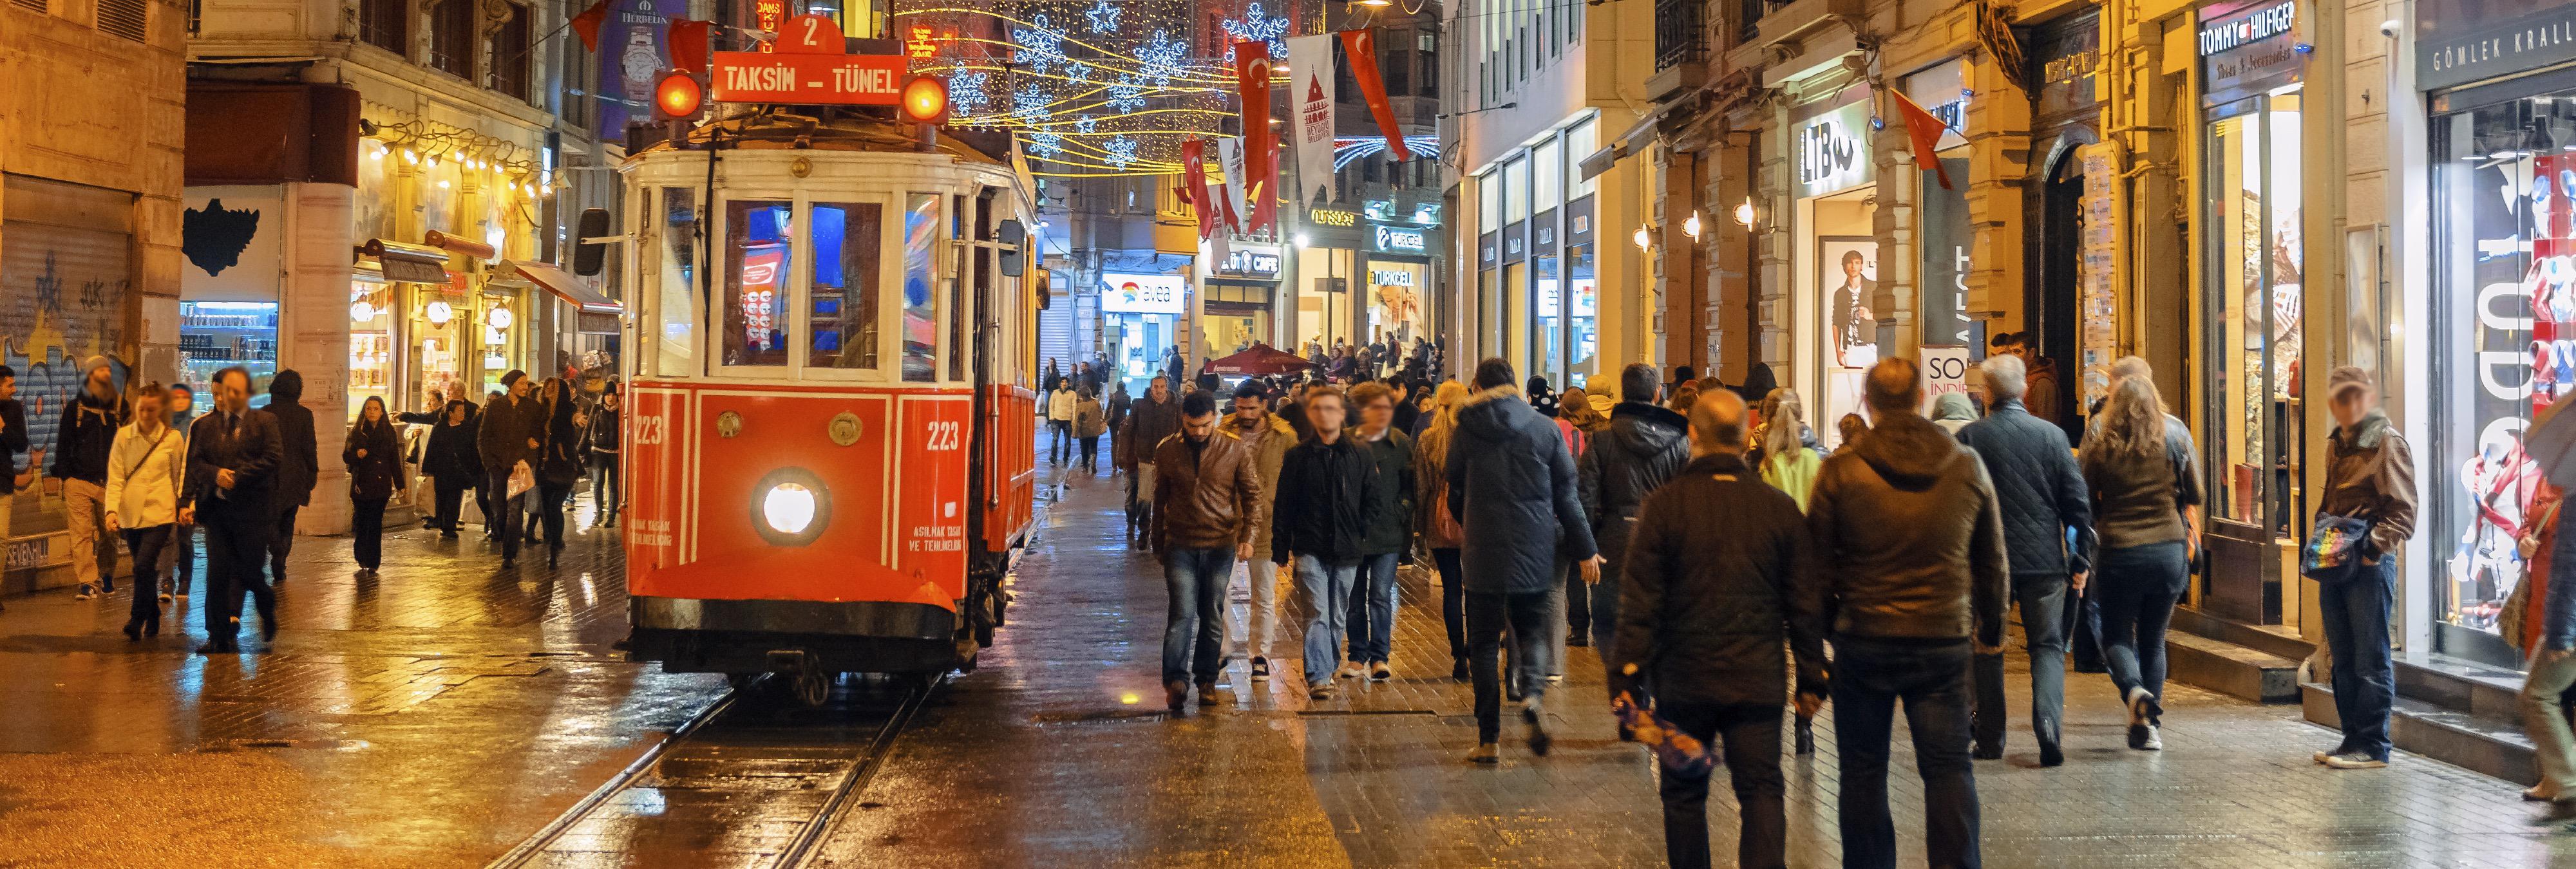 Al menos 4 muertos en un ataque suicida en la calle más turística de Estambul